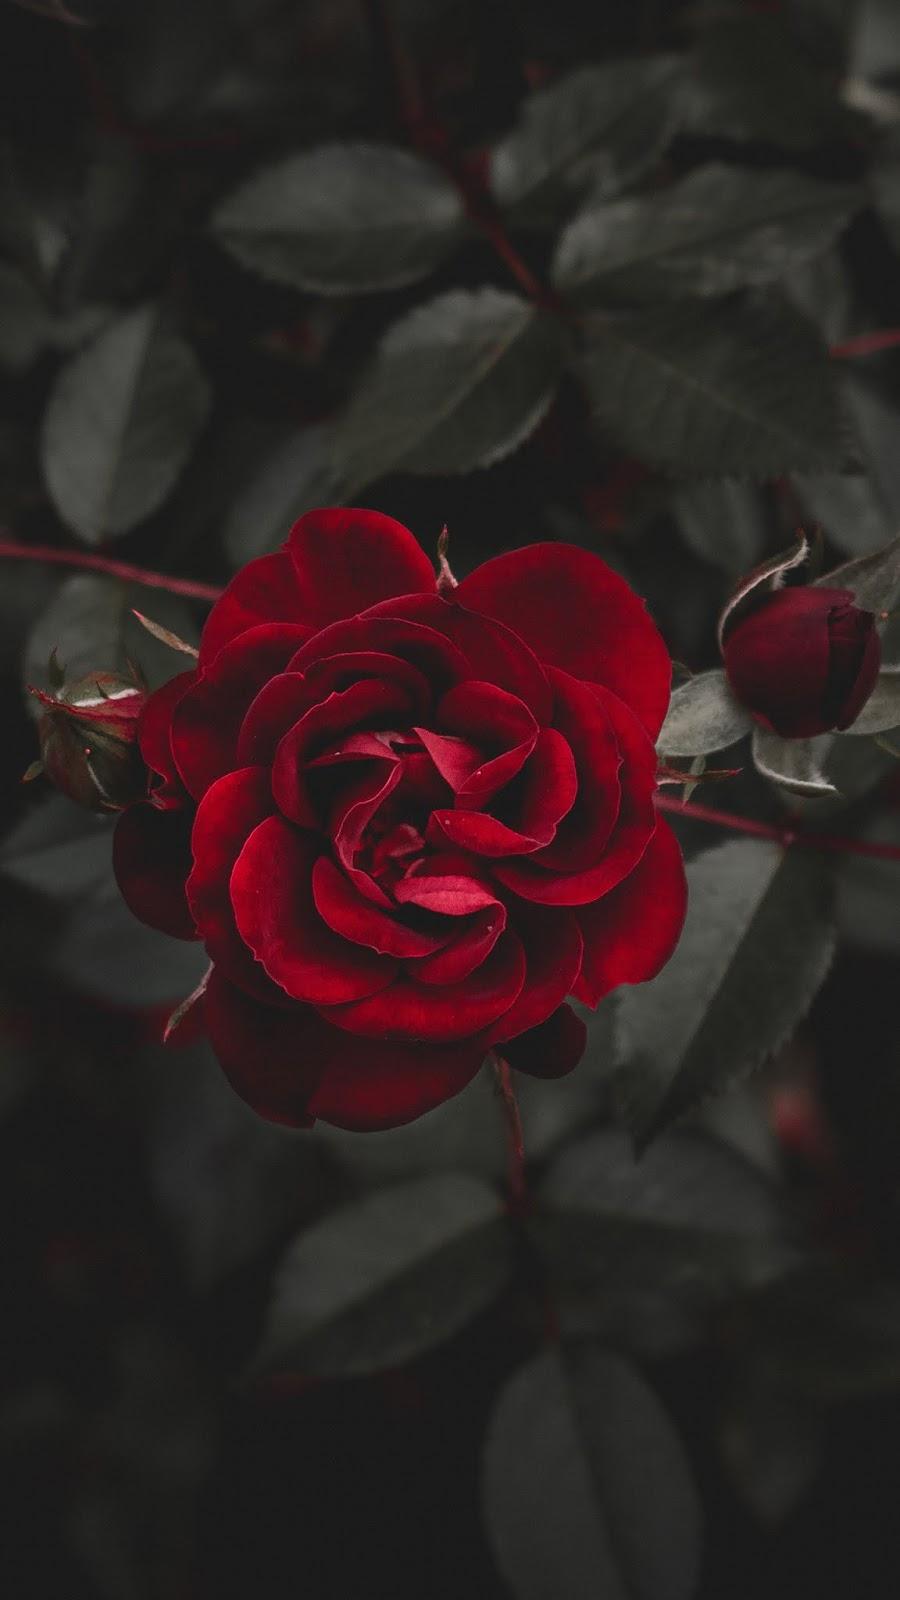 Red Rose Rose Flower Wallpaper Wallpaper Iphone Roses Red Roses Wallpaper